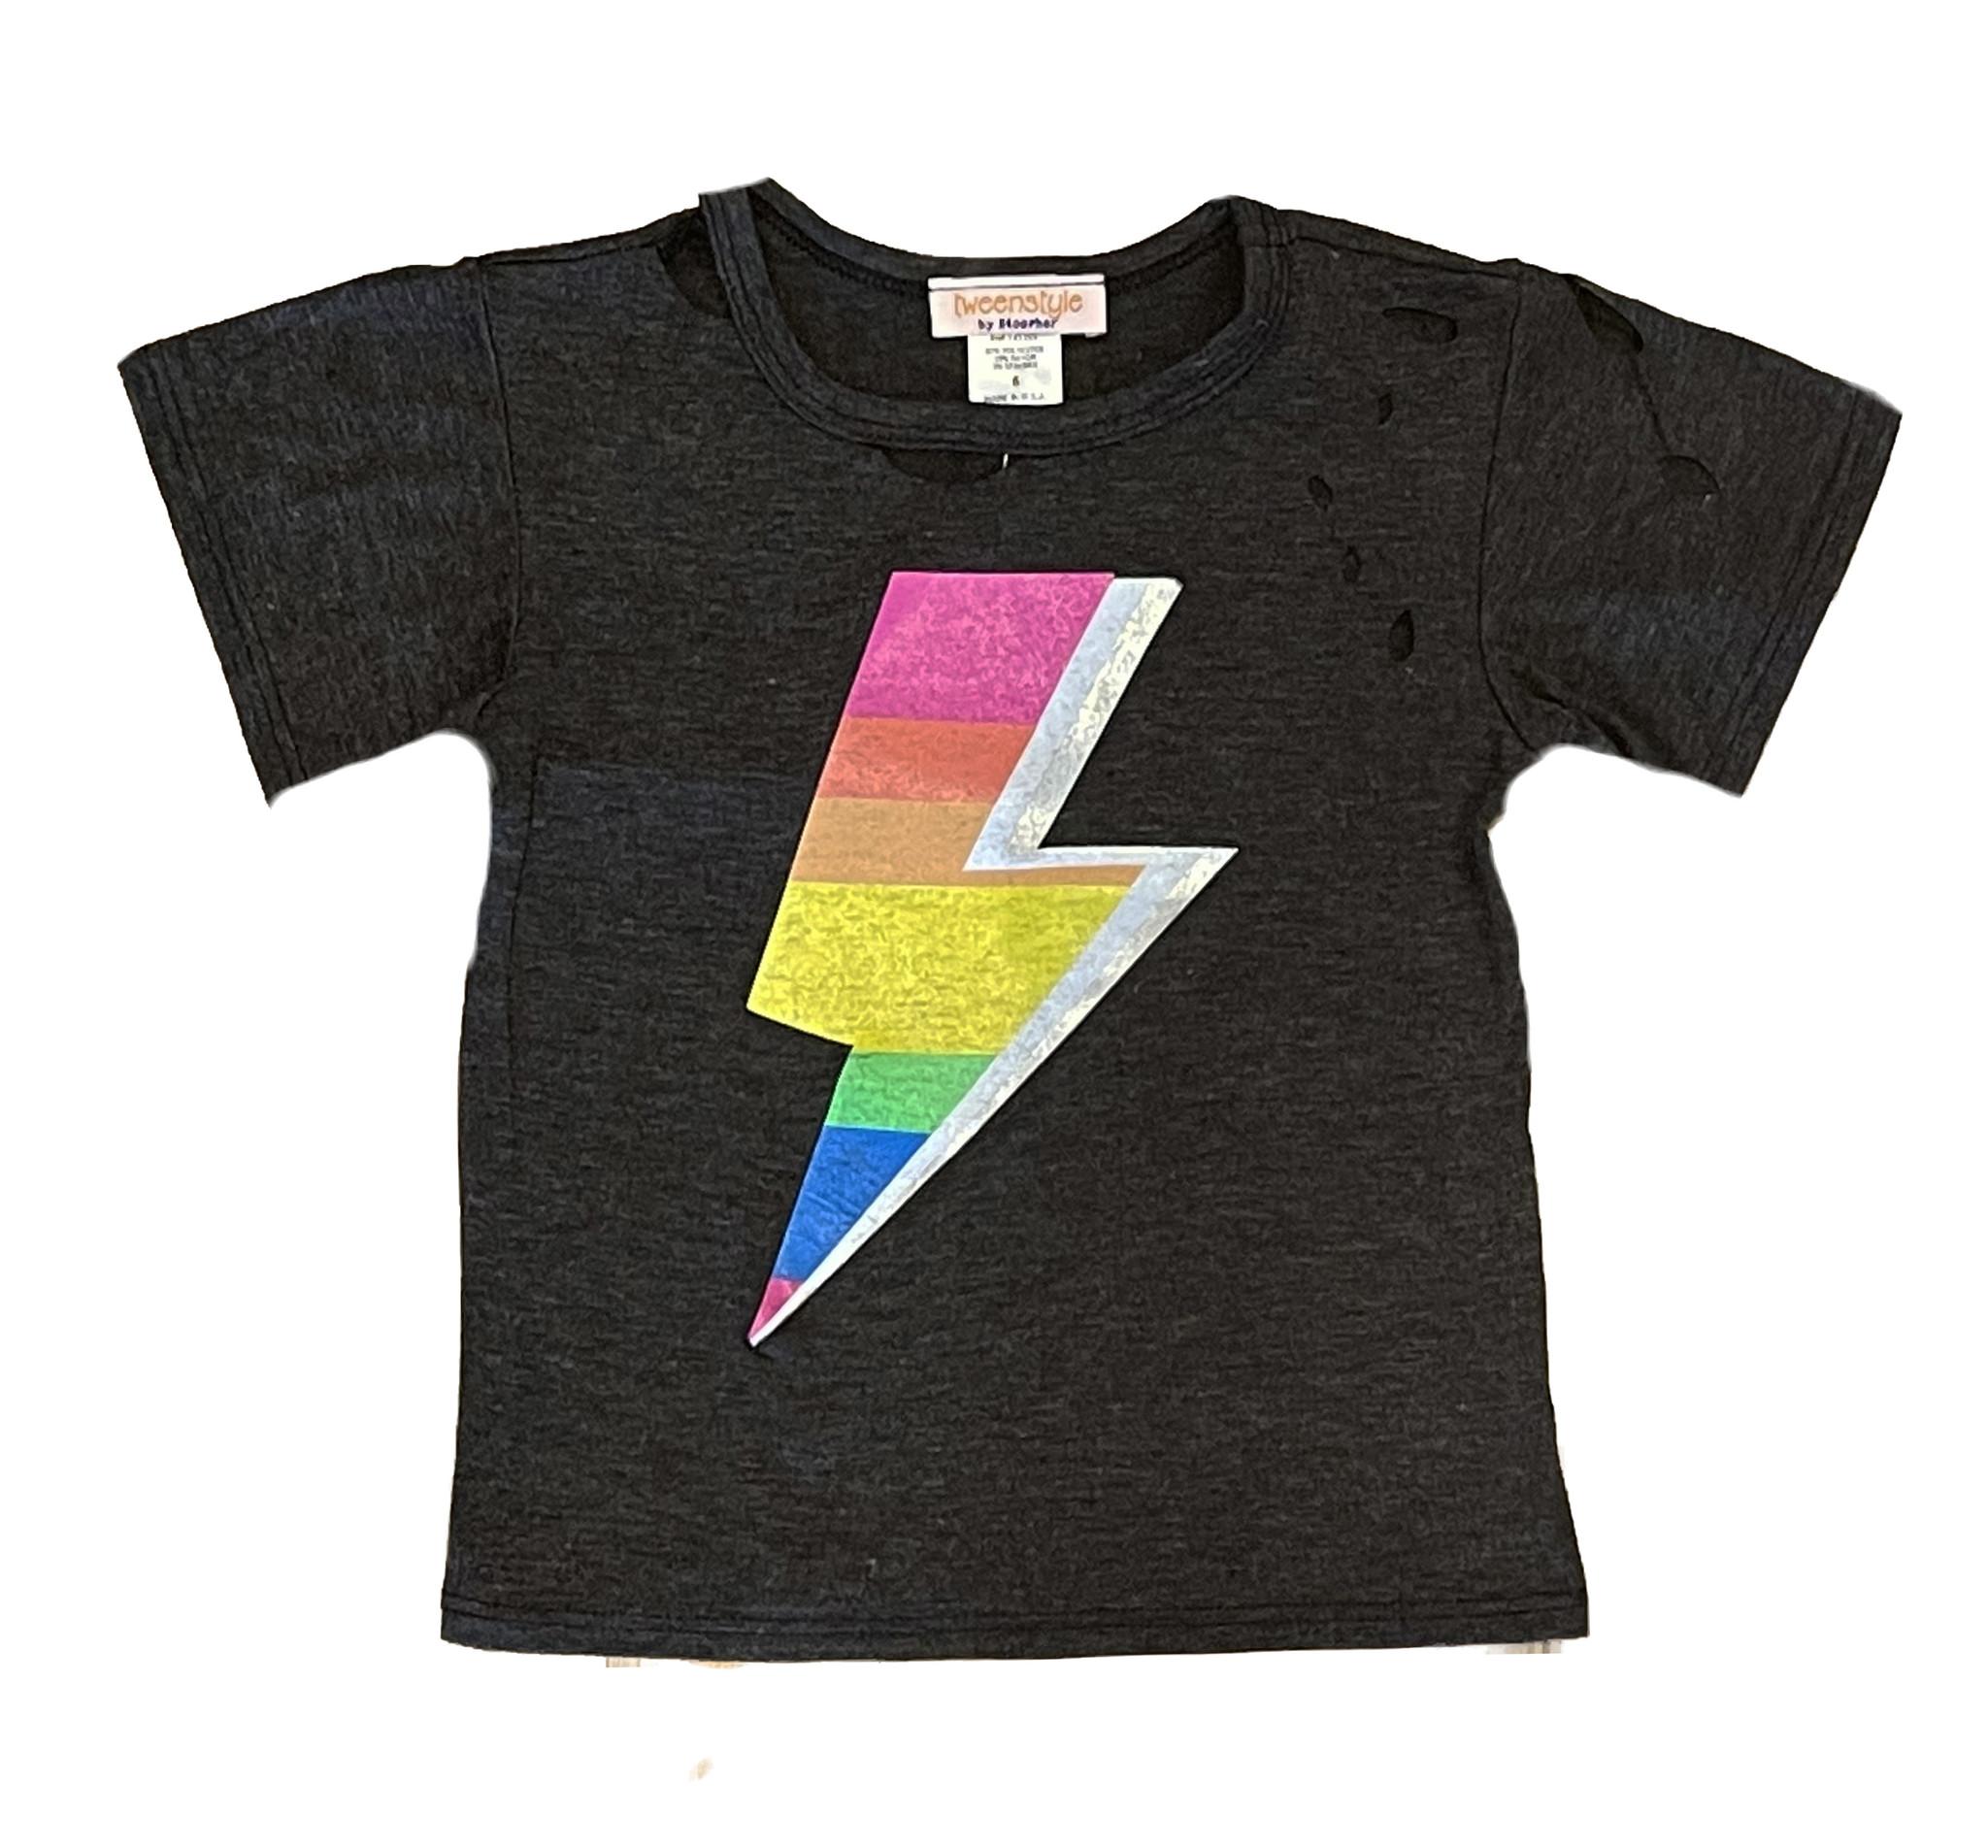 Tweenstyle Charcoal Tee w/Rainbow Bolt